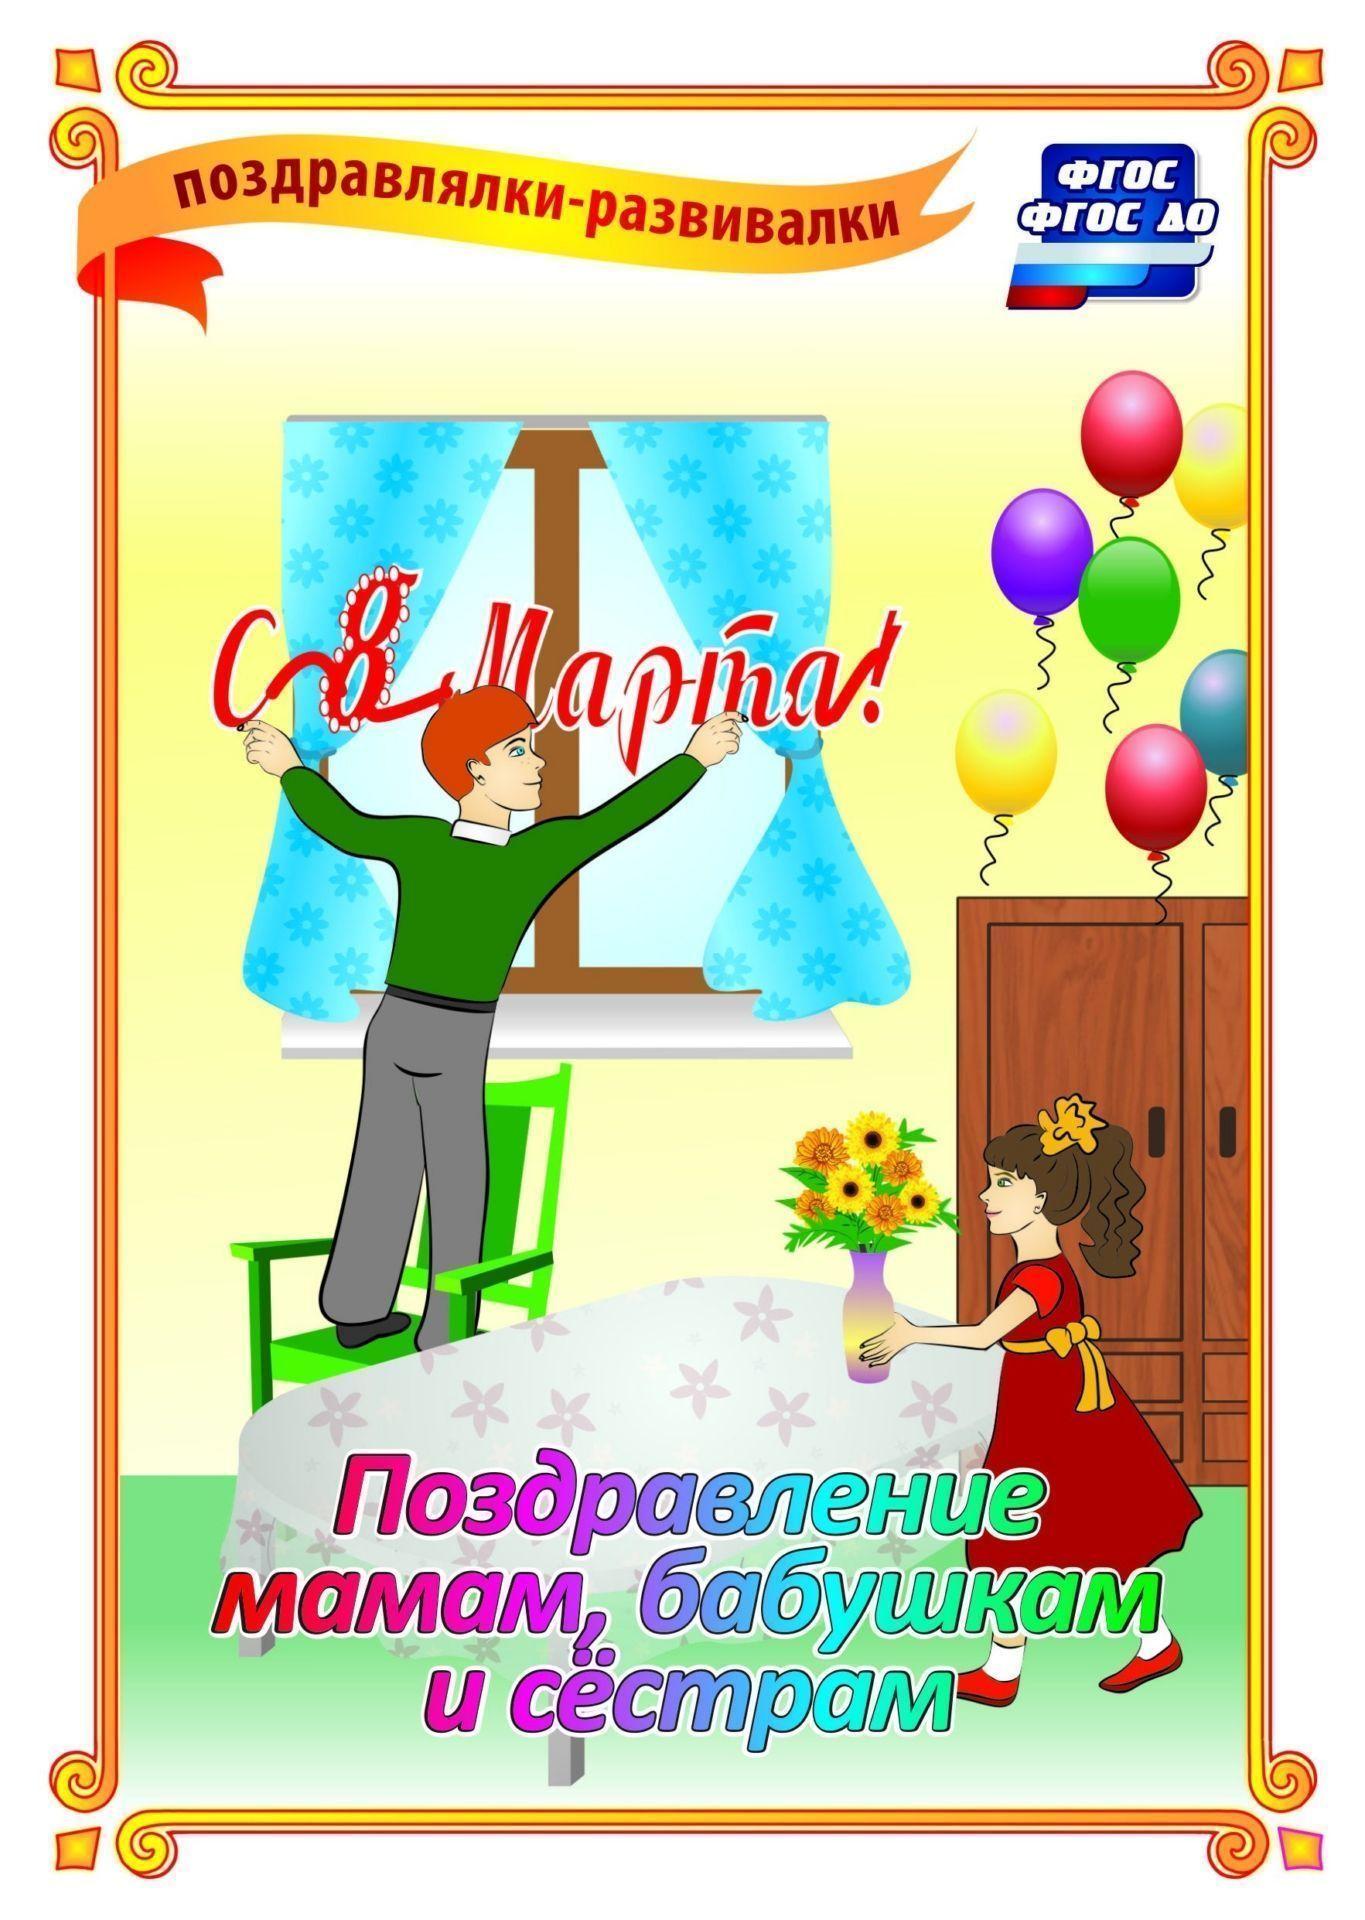 С 8 Марта! Поздравление мамам, бабушкам и сёстрам: поздравлялка-развивалкаФирменные открытки<br>.<br><br>Год: 2017<br>Серия: Поздравлялки-развивалки<br>Высота: 210<br>Ширина: 148